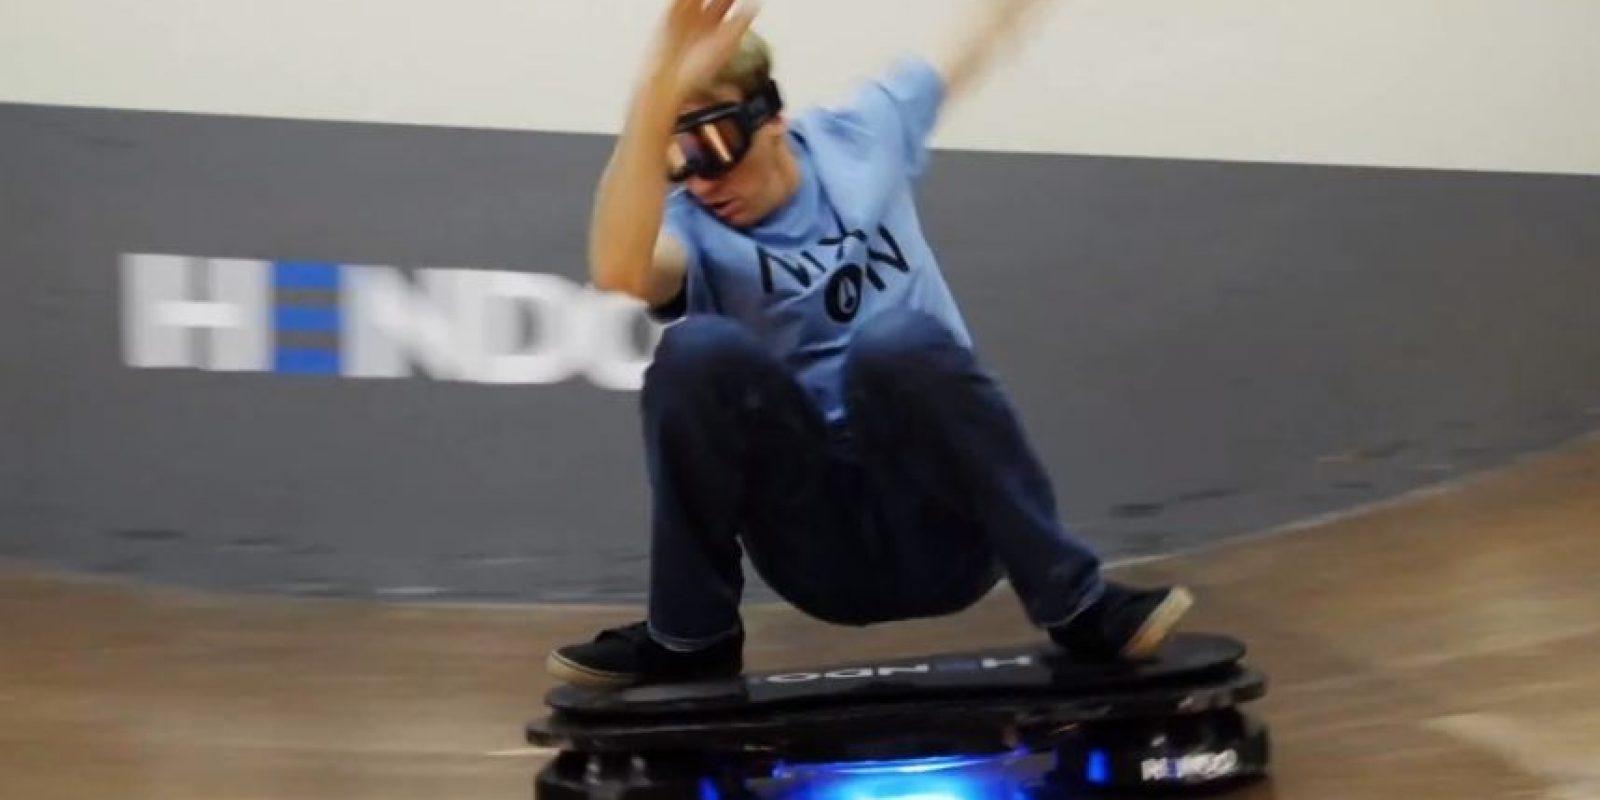 El estadounidense Tony Hawk probando la Hoverboard. Foto:Hendo Hover